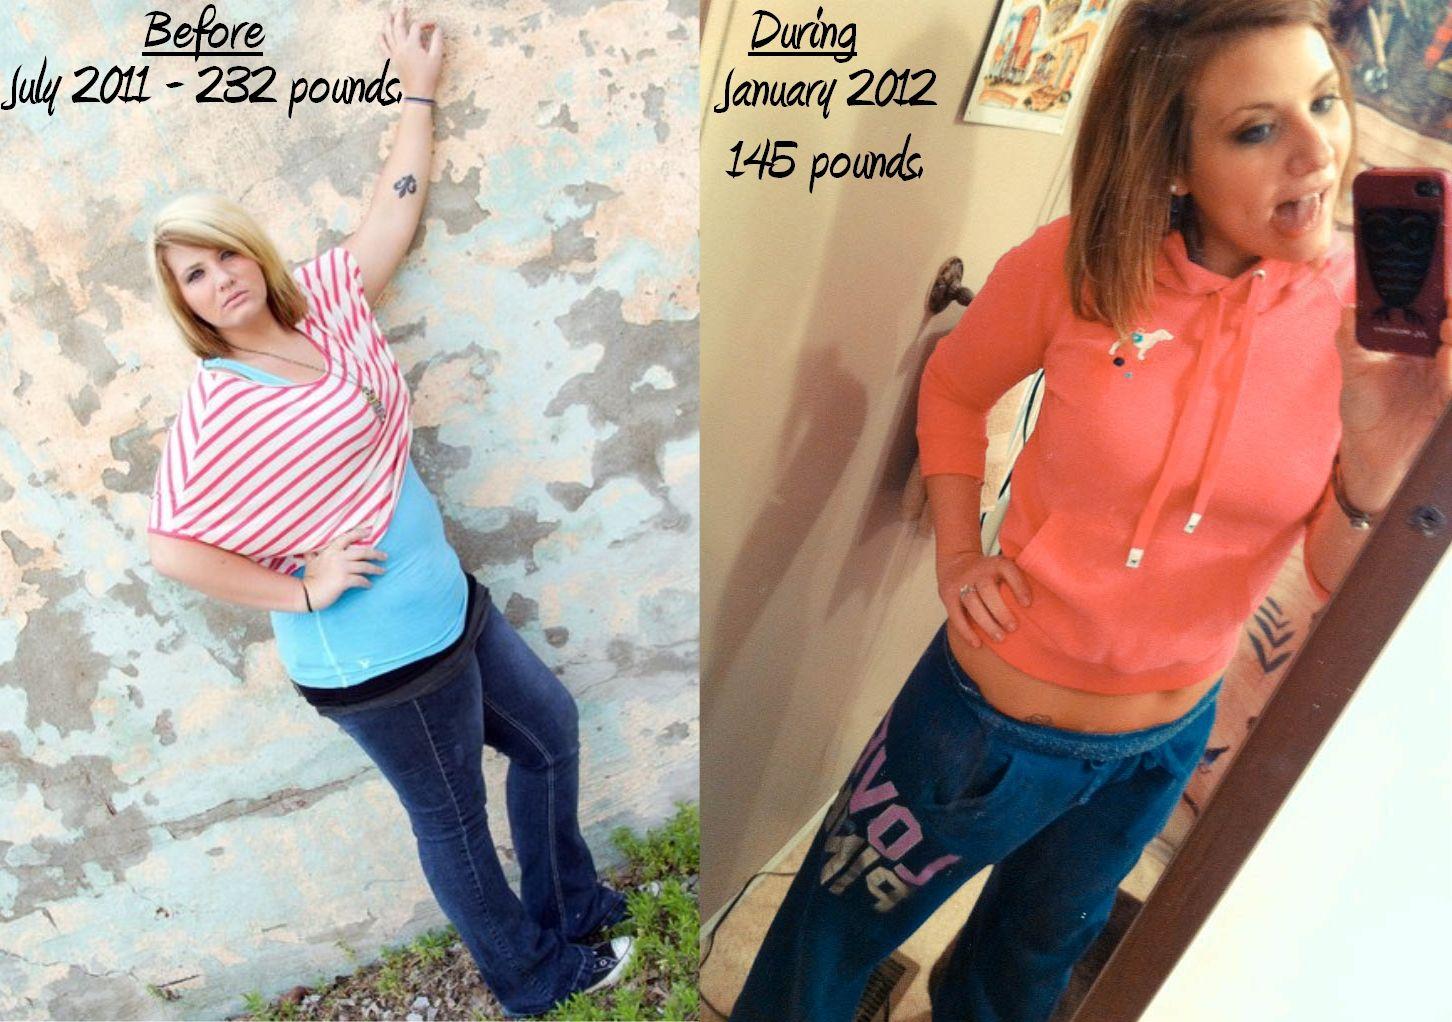 Bikini body workout and diet plan